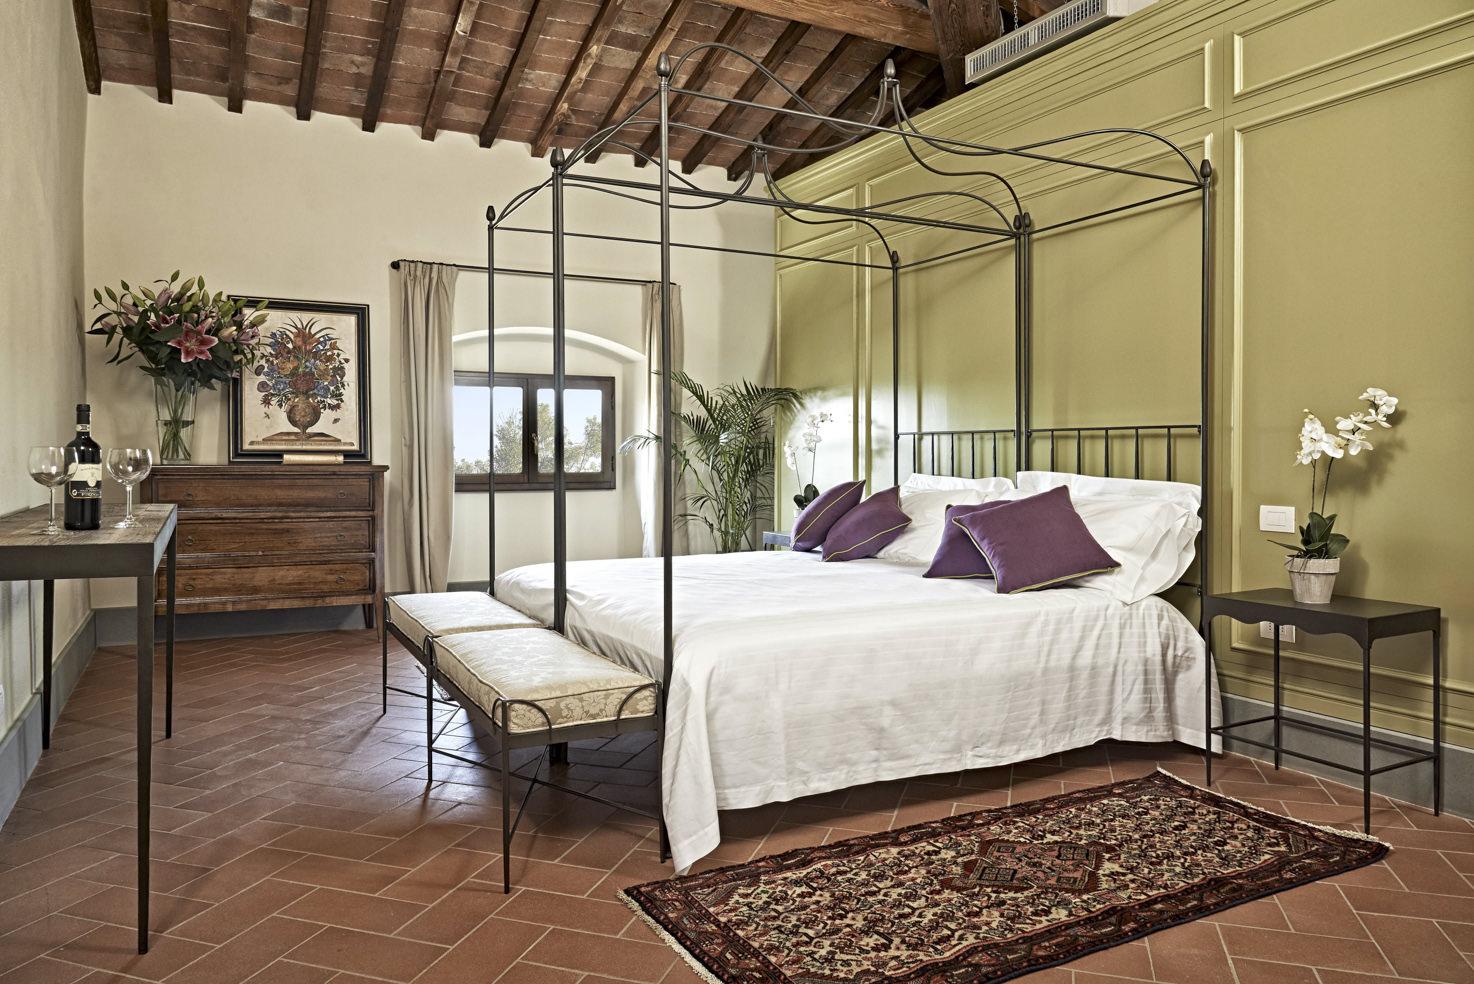 Accommodation at Villa di Lilliano